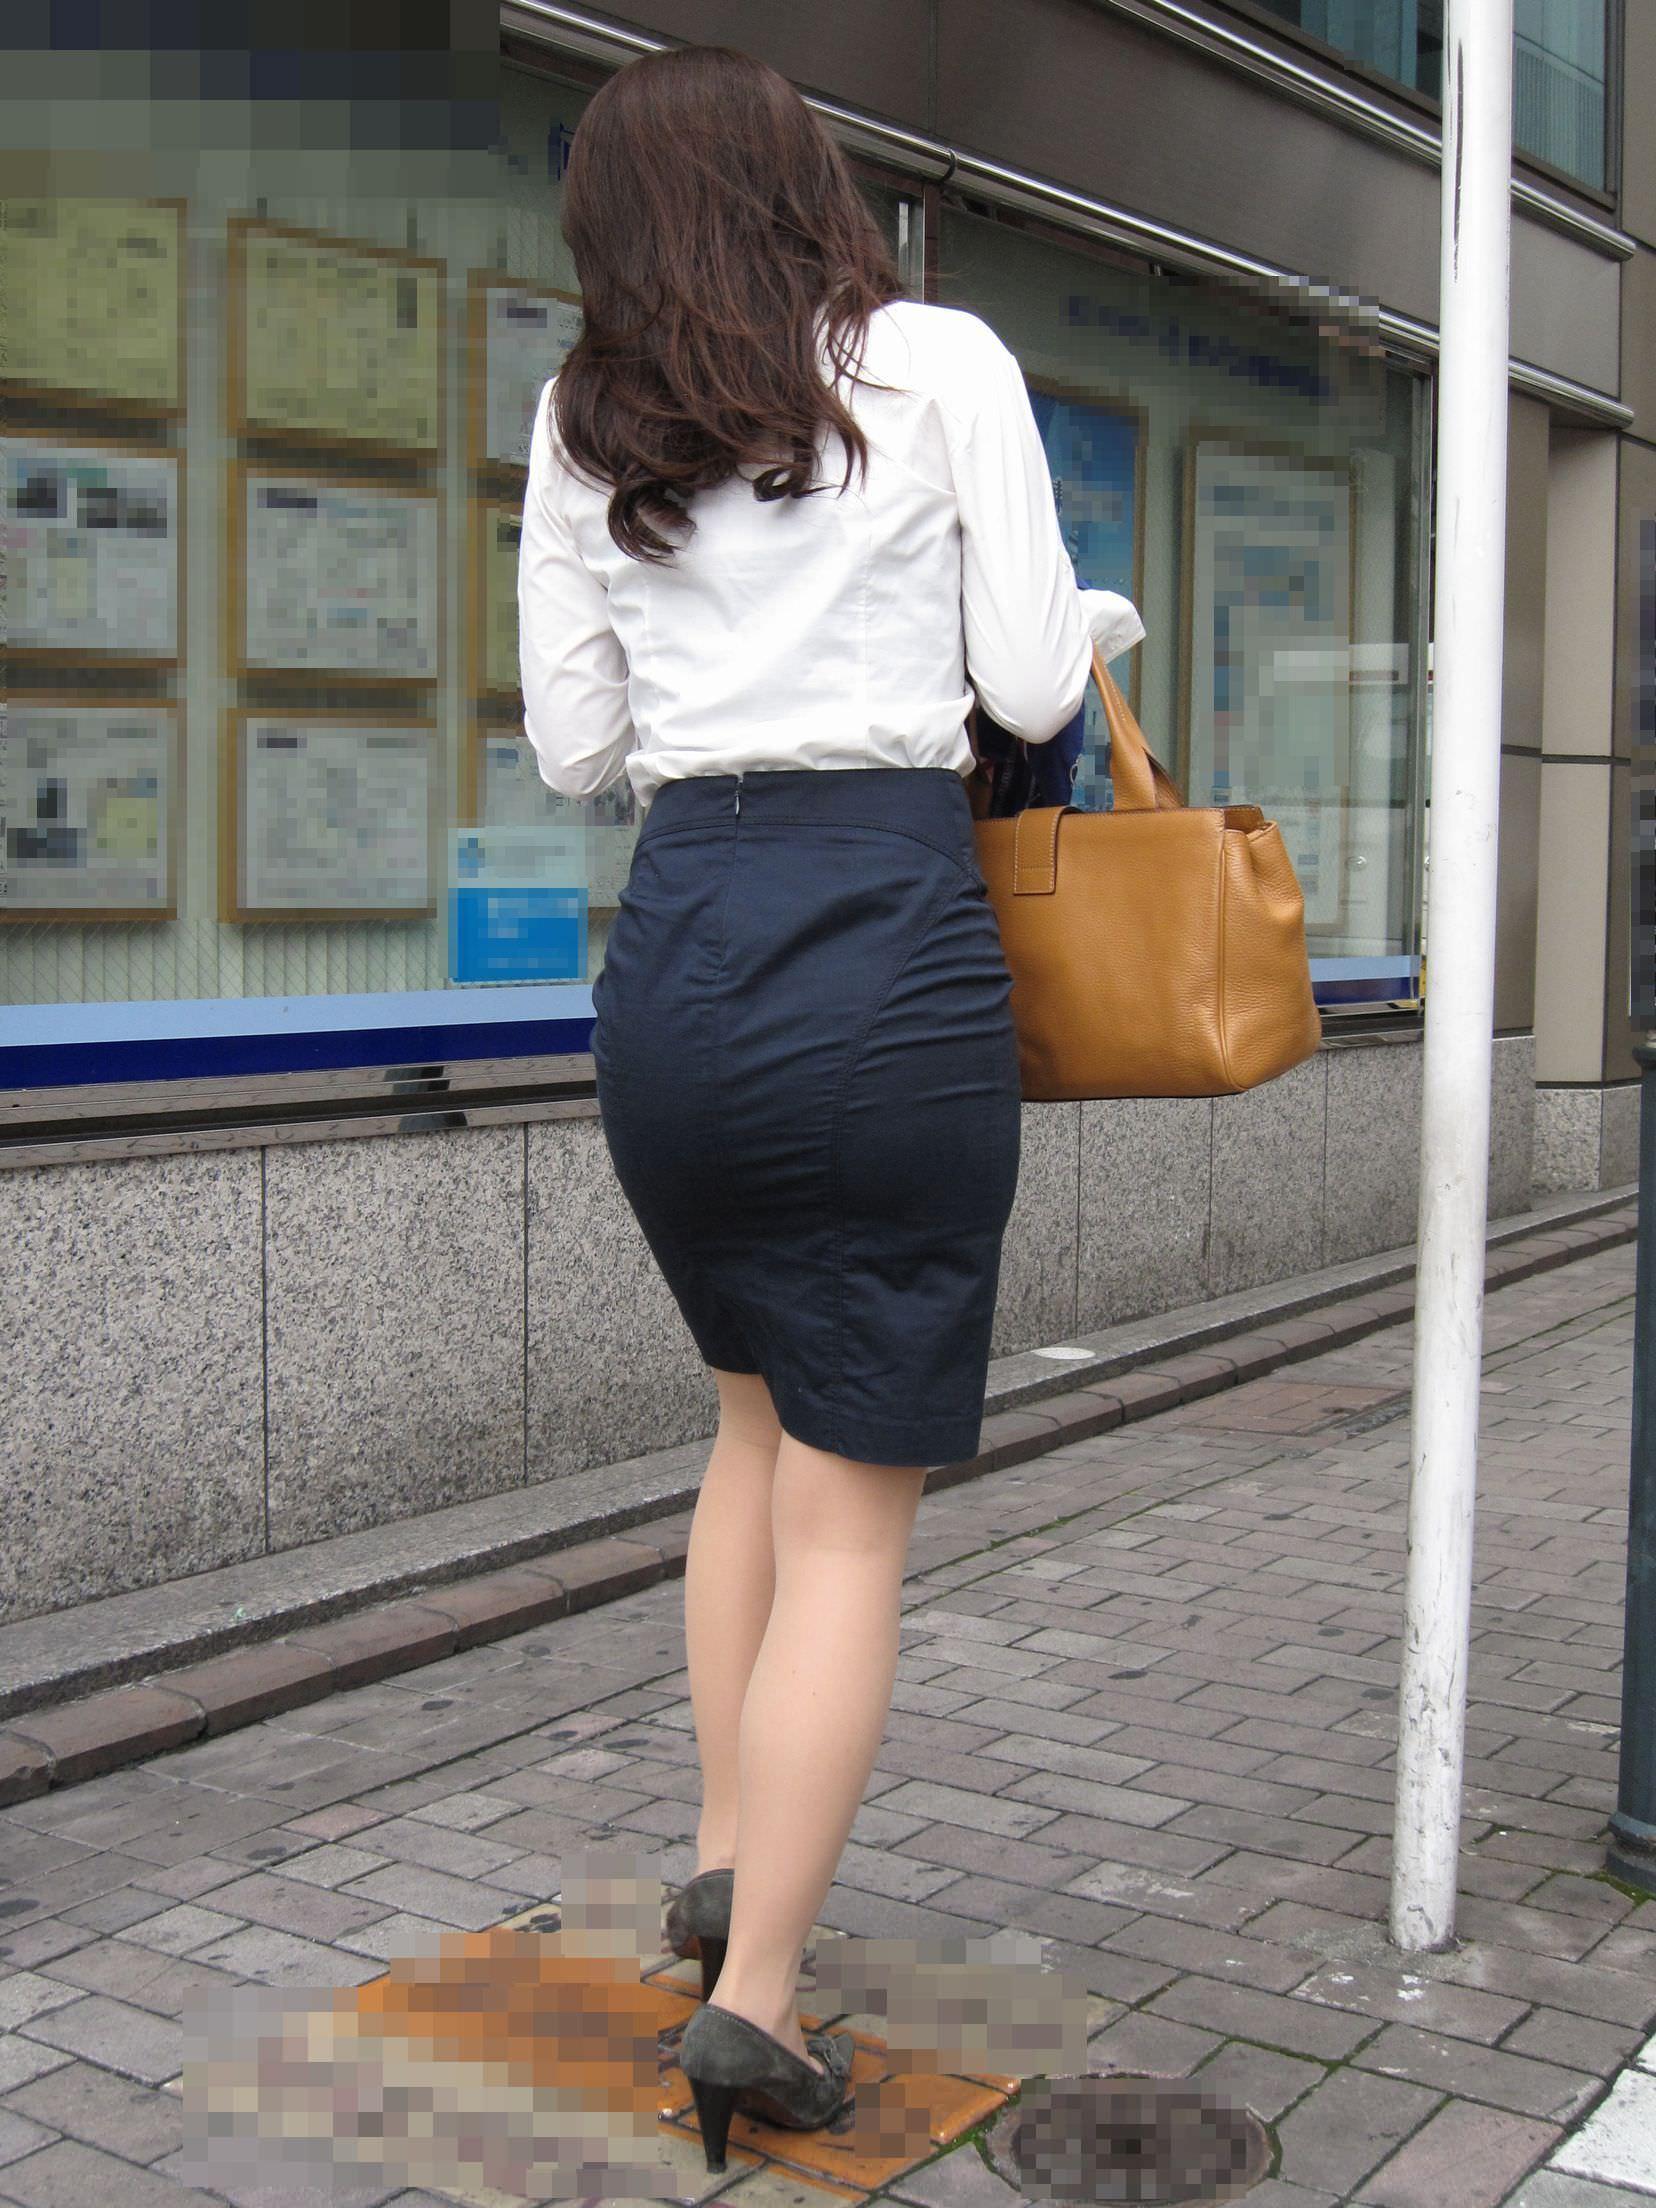 お尻の形が丸わかりなOLさんを尾行して街撮り盗撮www 3057